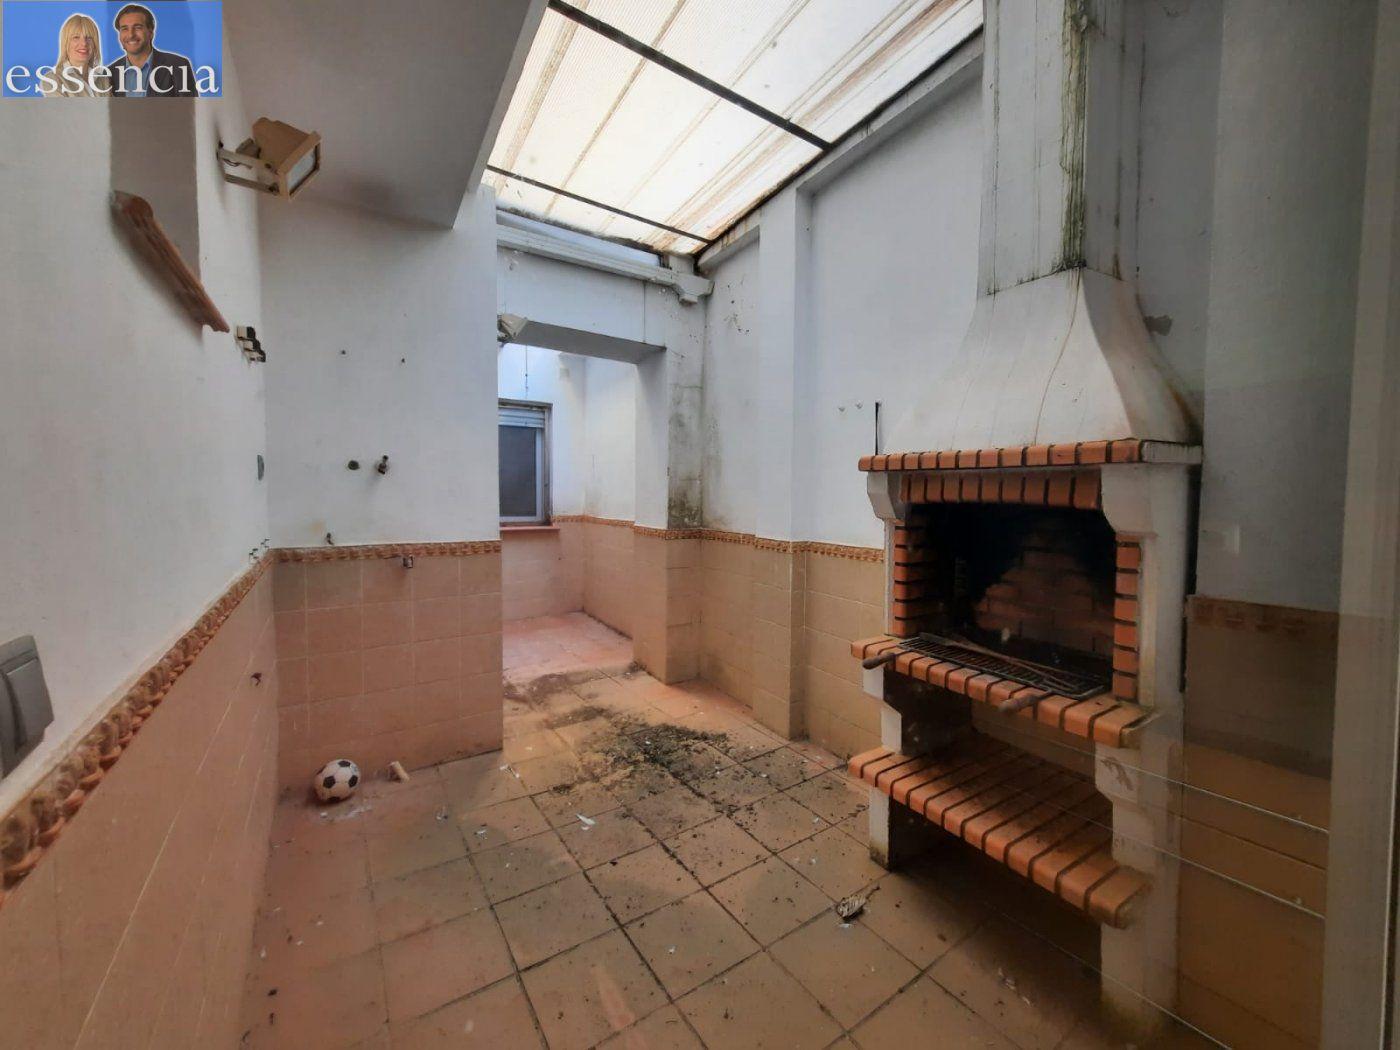 Bajo de 2 dormitorios y 2 baños con patio - imagenInmueble2